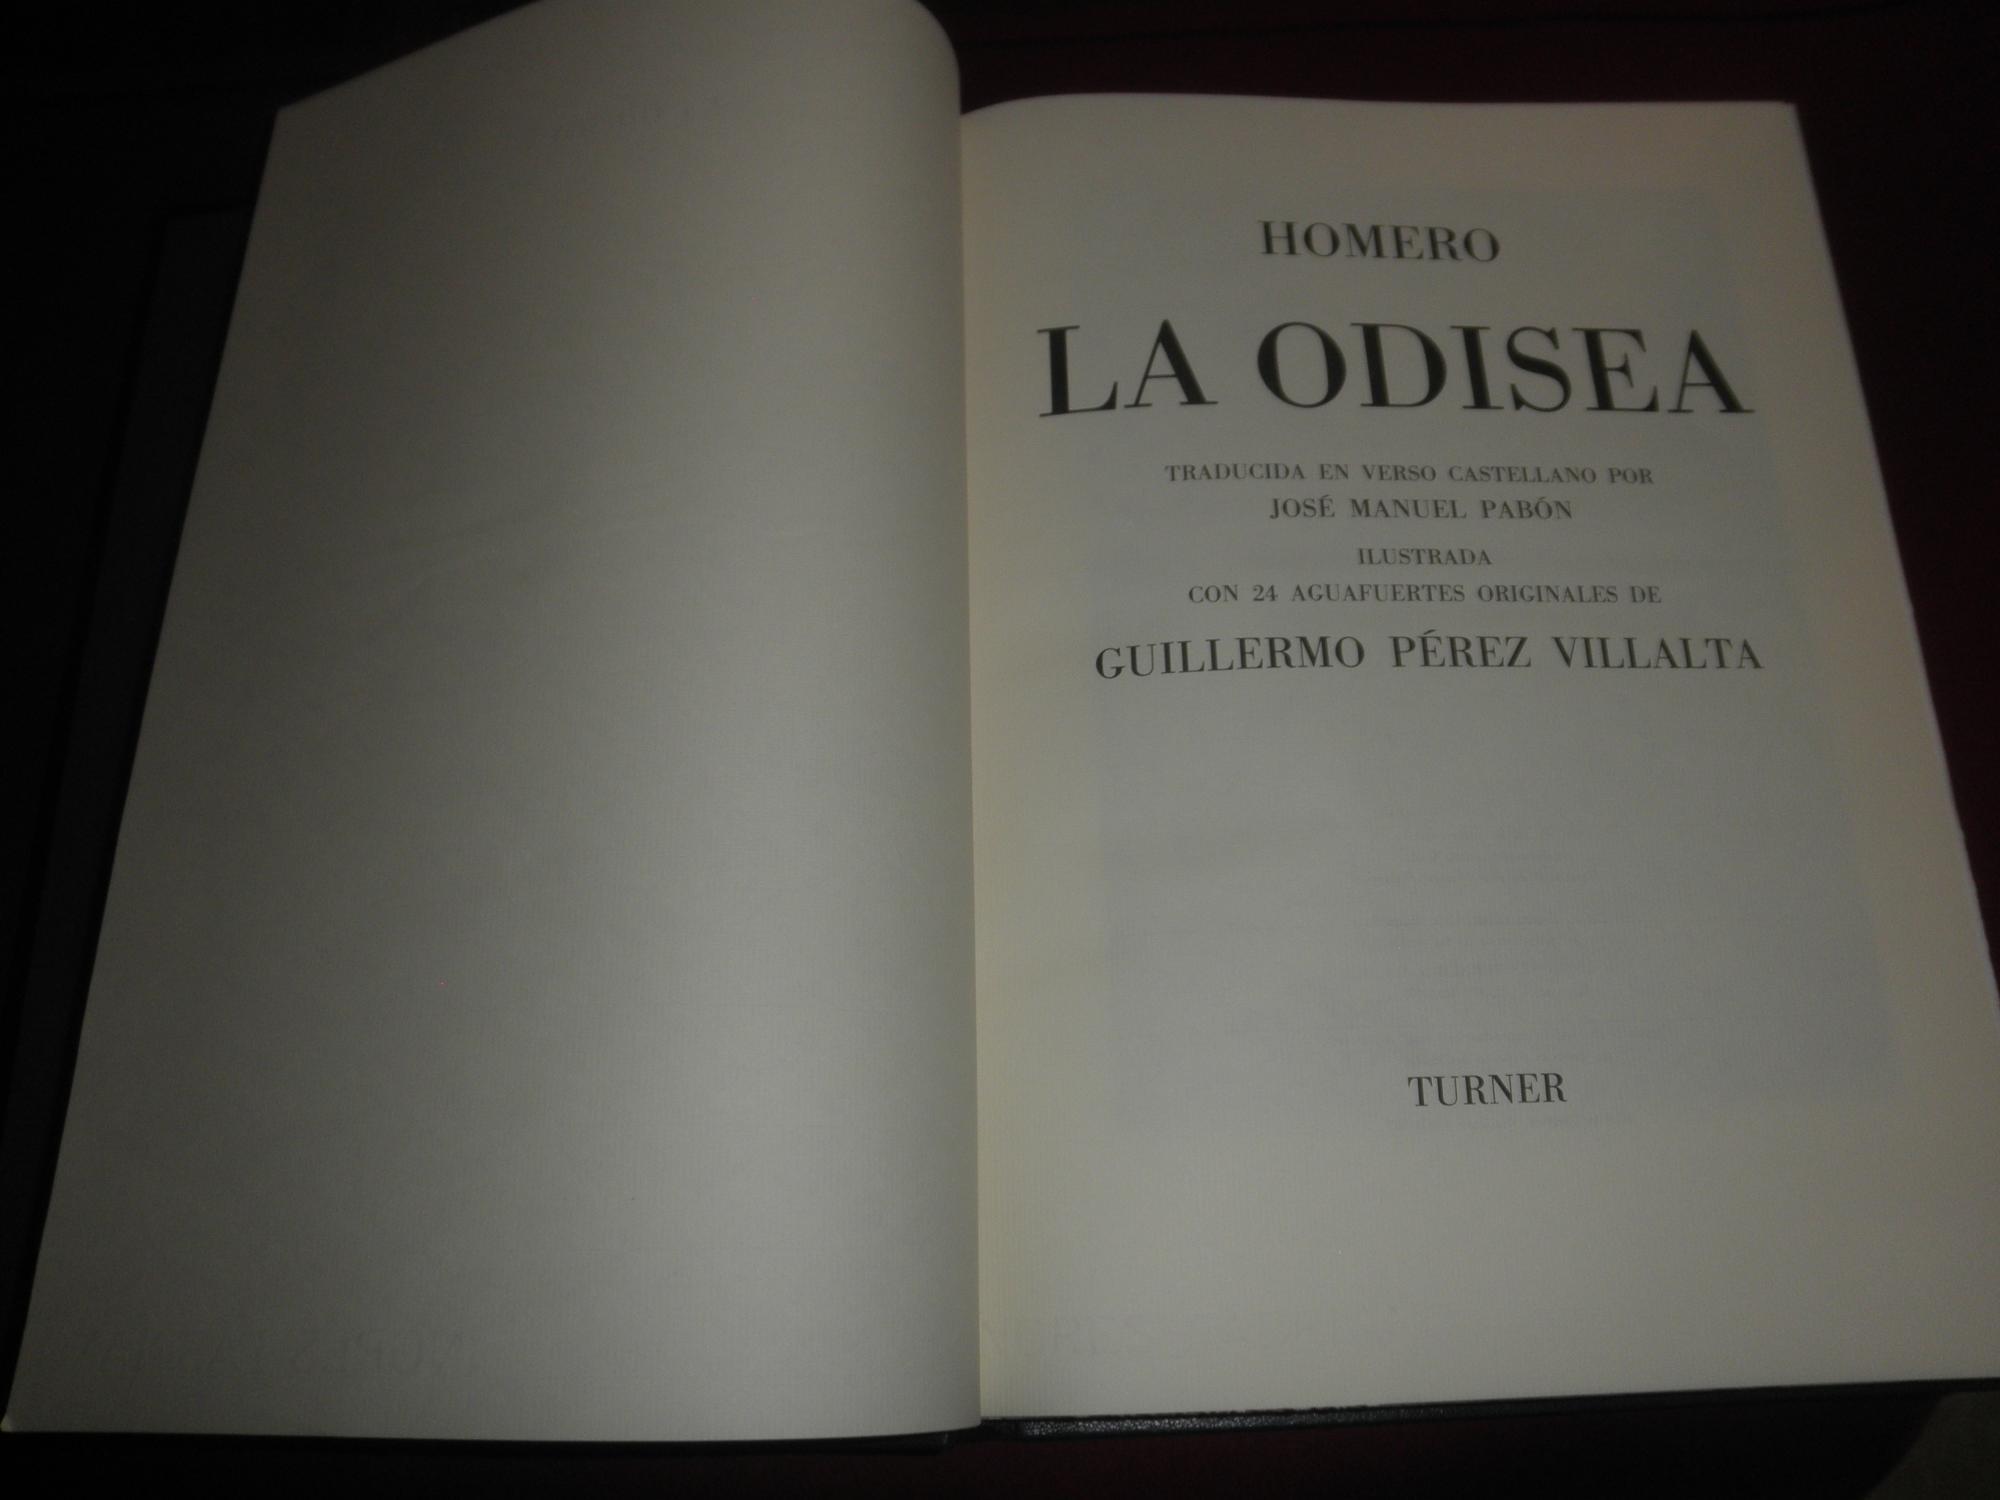 La Odisea. Traducida en verso castellano por Jose Manuel Pabon. Ilustrada con 24 aguafuertes ...